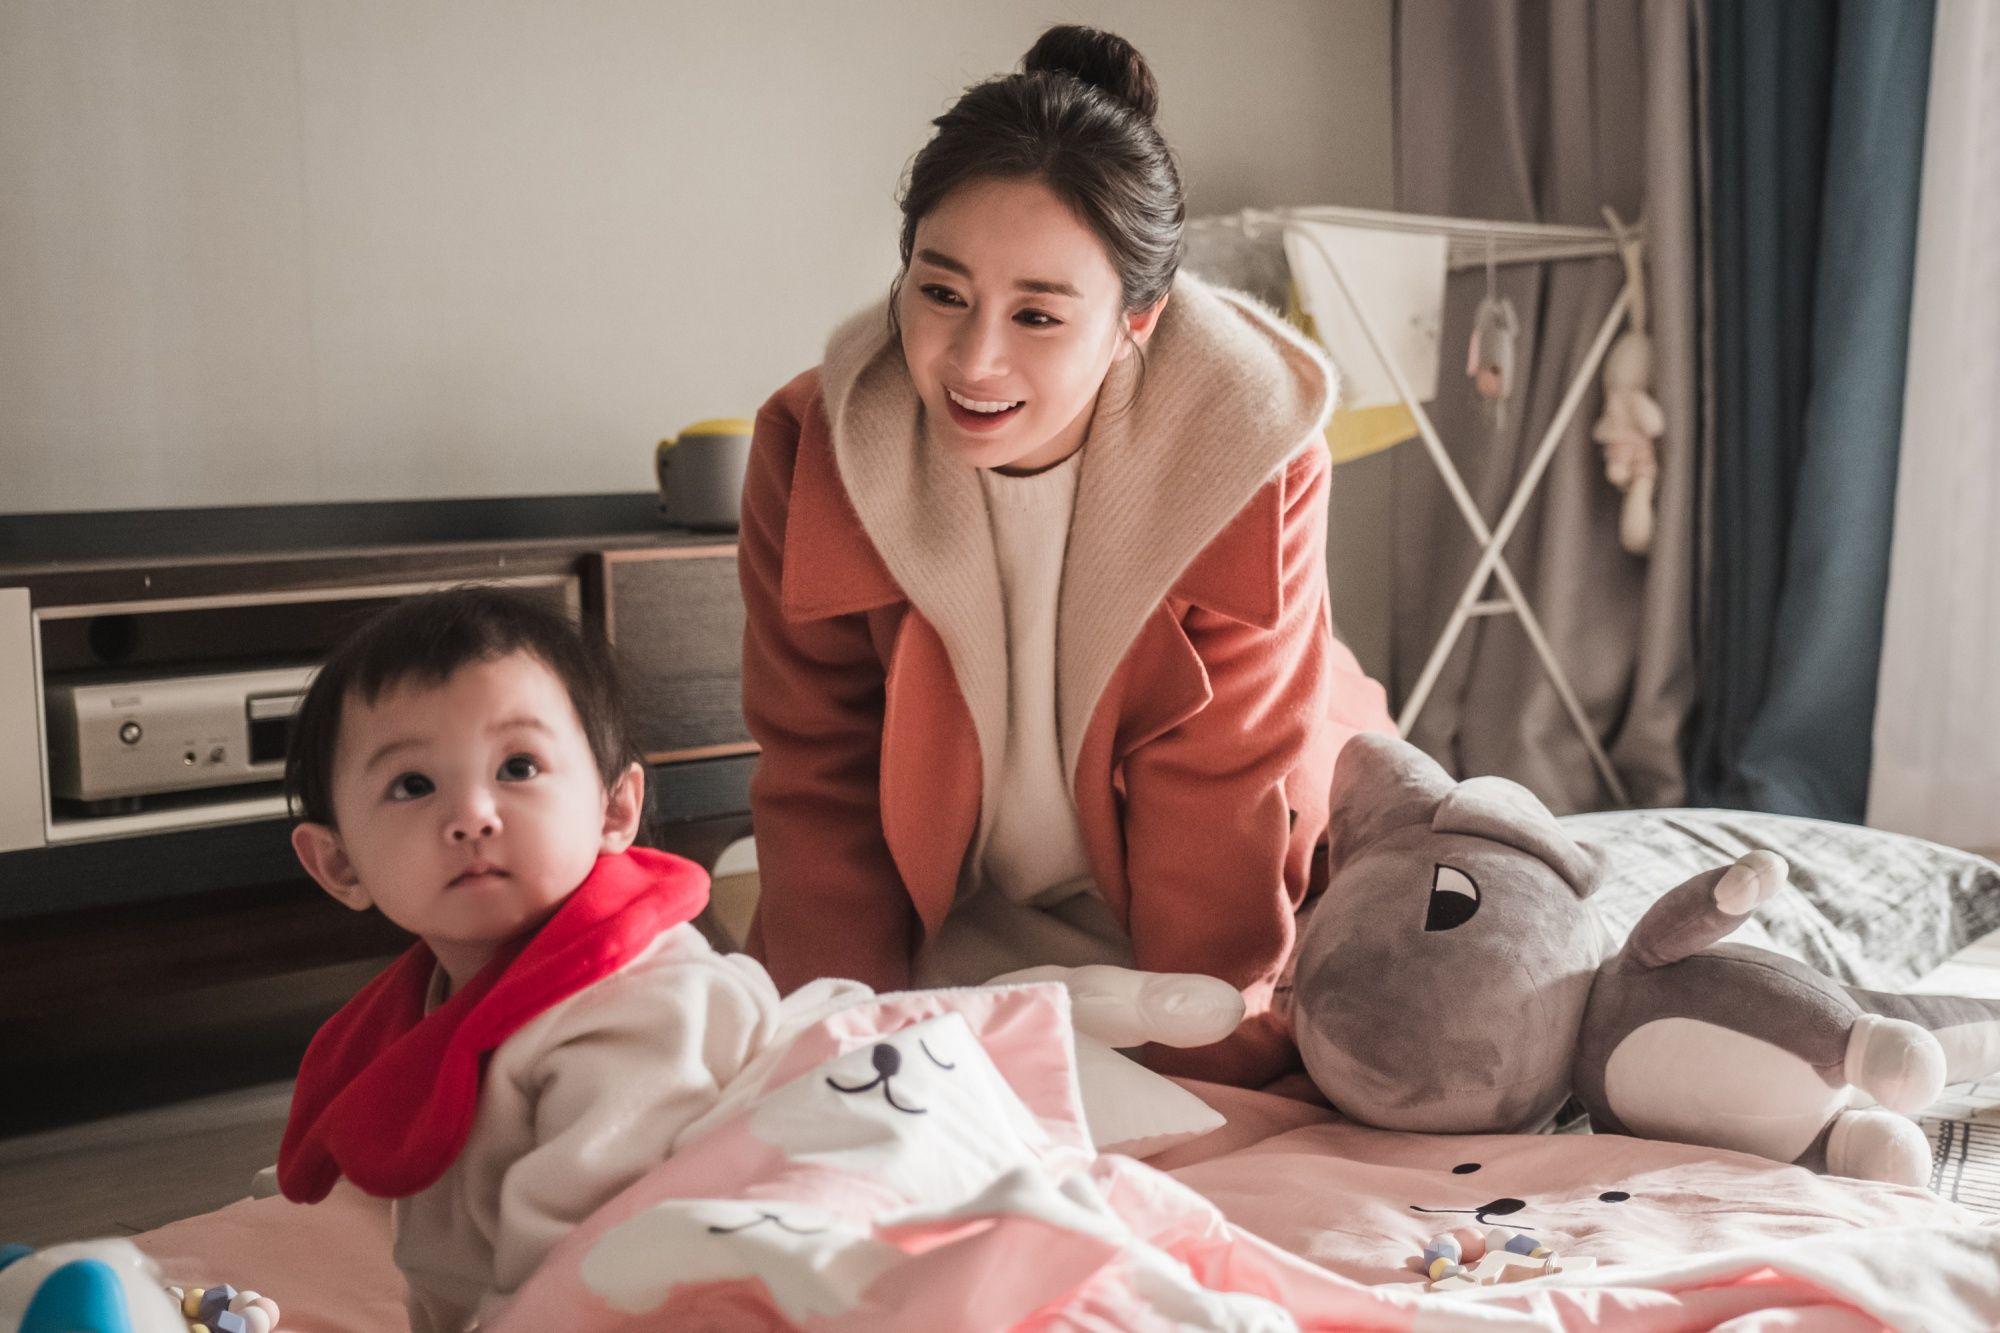 《哈囉掰掰,我是鬼媽媽》。圖片來源/Netflix